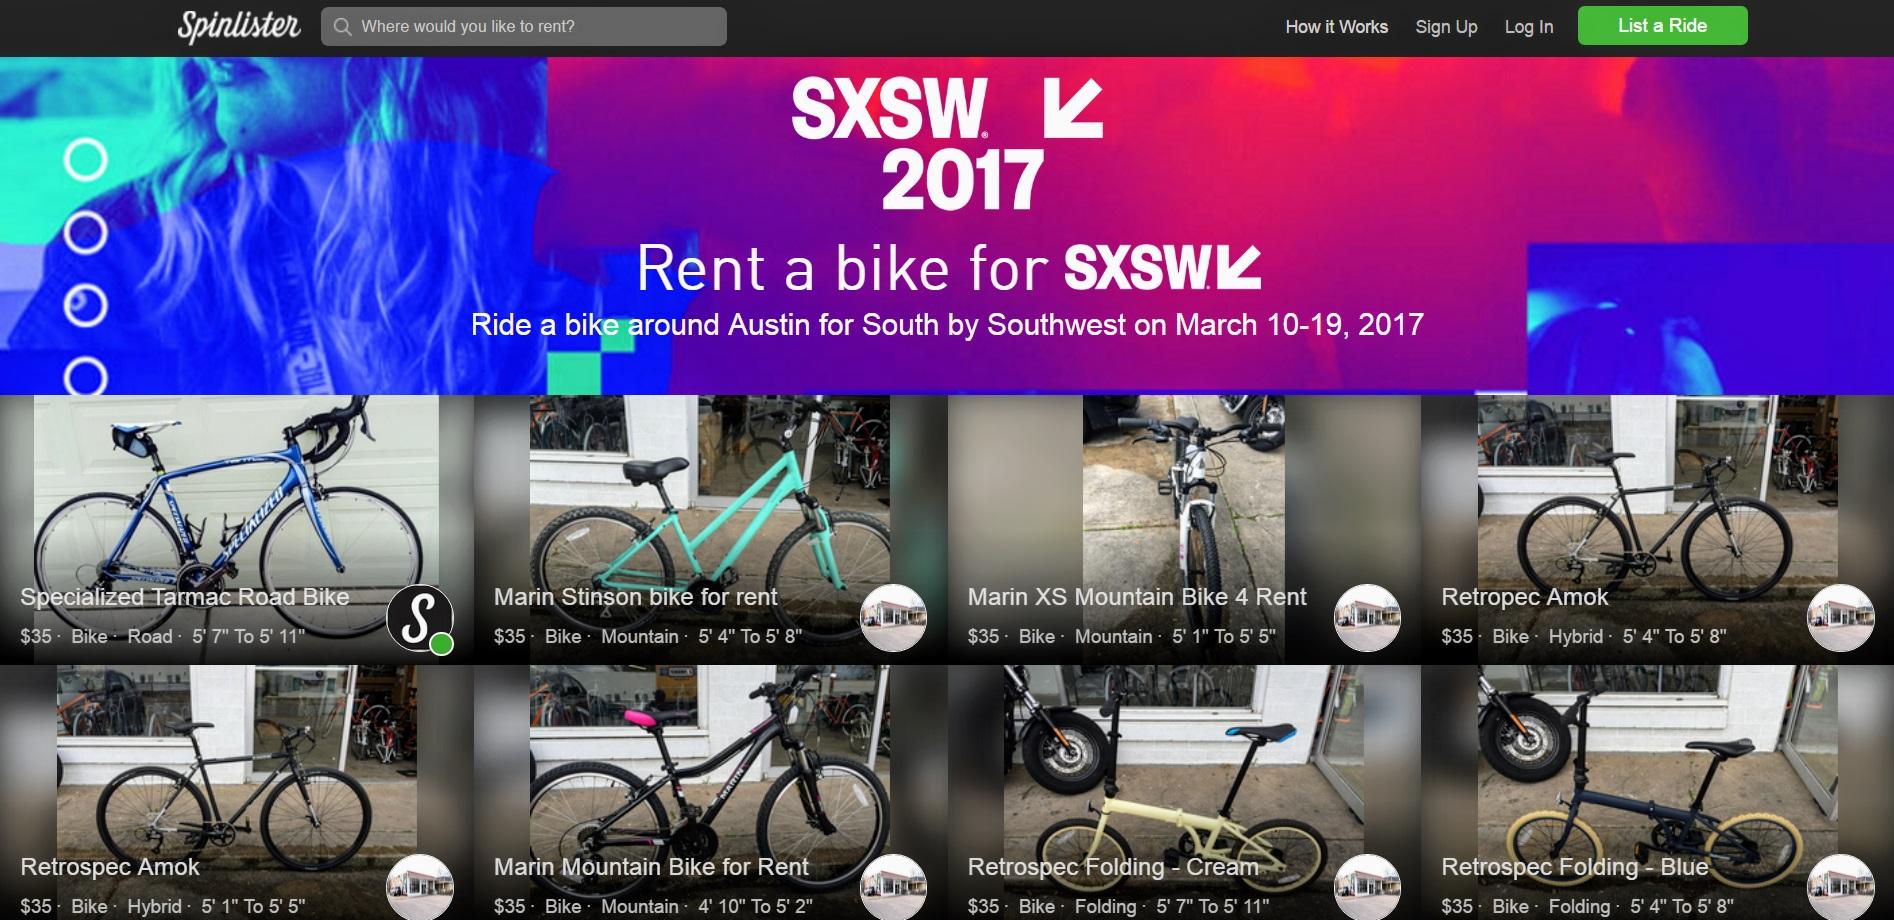 sxsw-bike-rental-21